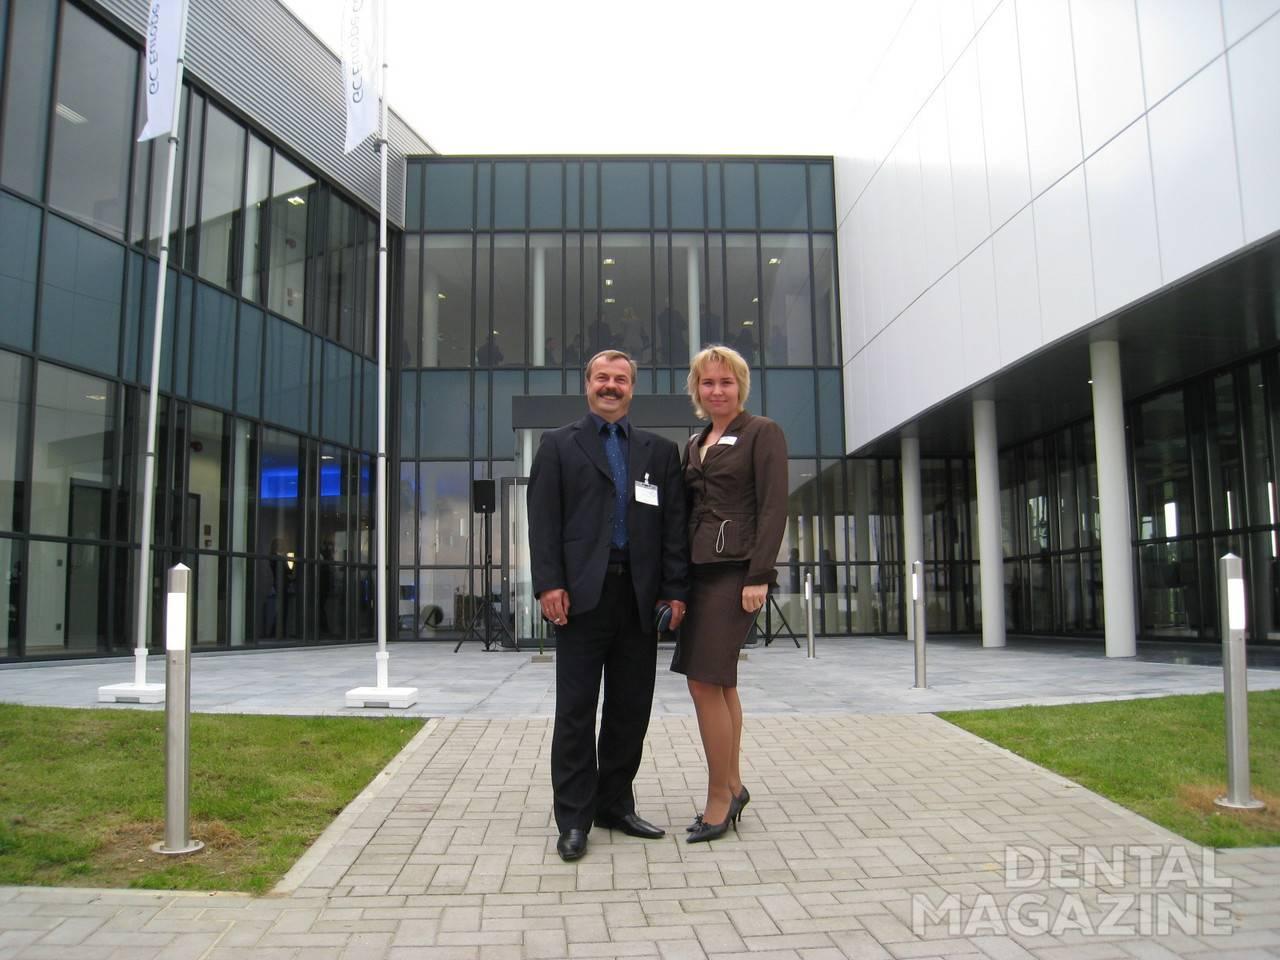 Зубной техник Андрей Жвавый и представитель GC Russia в Уфе Ирина Рзаева на фоне учебного центра GC (Бельгия).